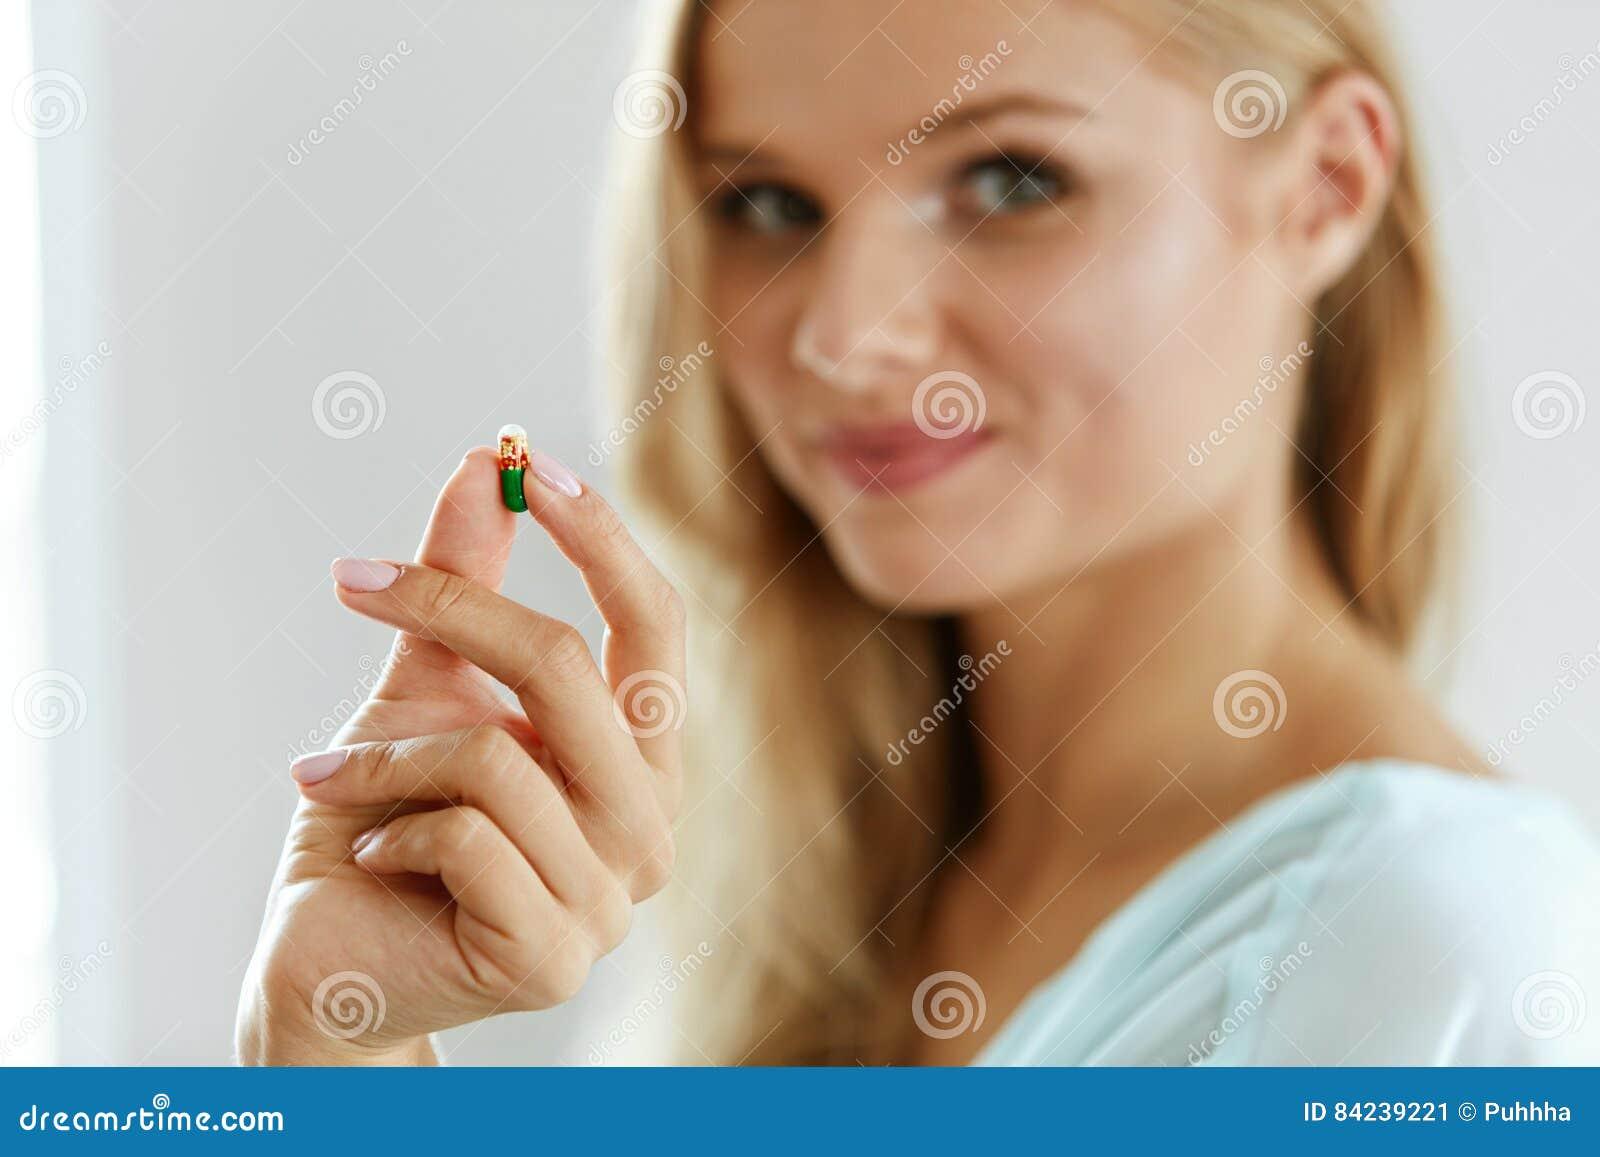 Vitamine und Lebensmittelergänzungen Schönheit mit Pille in der Hand